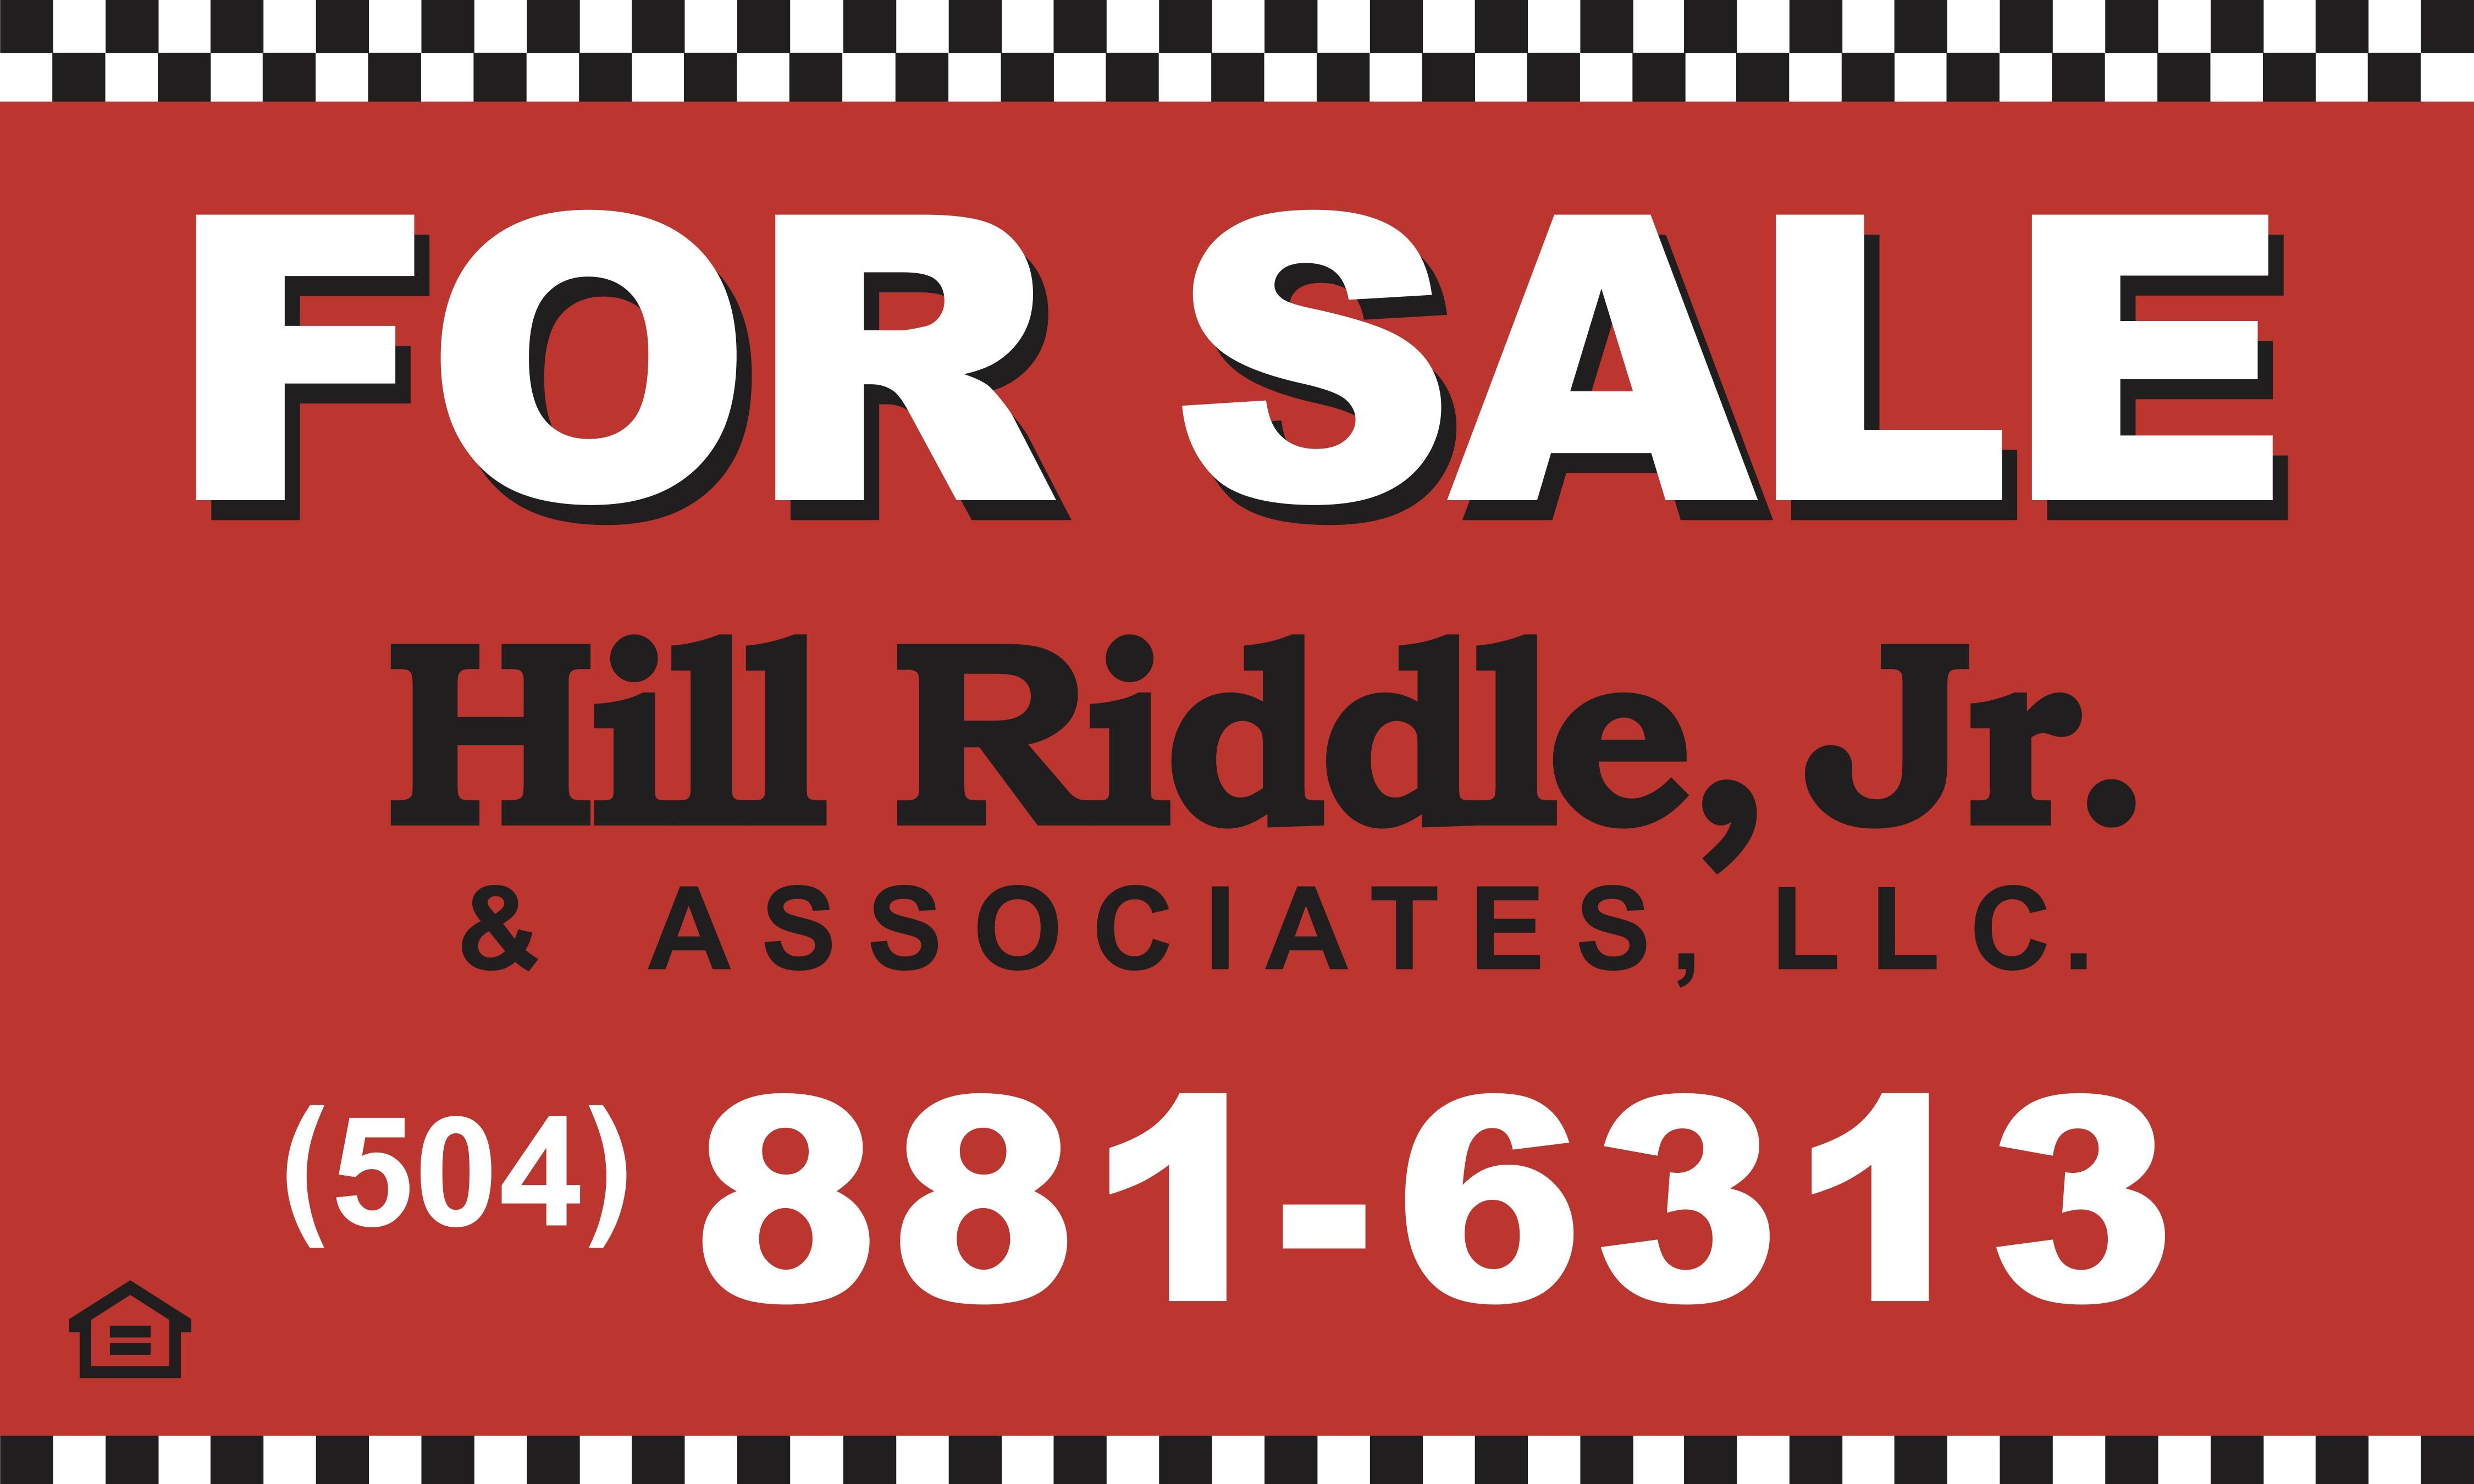 Hill Riddle & Associates